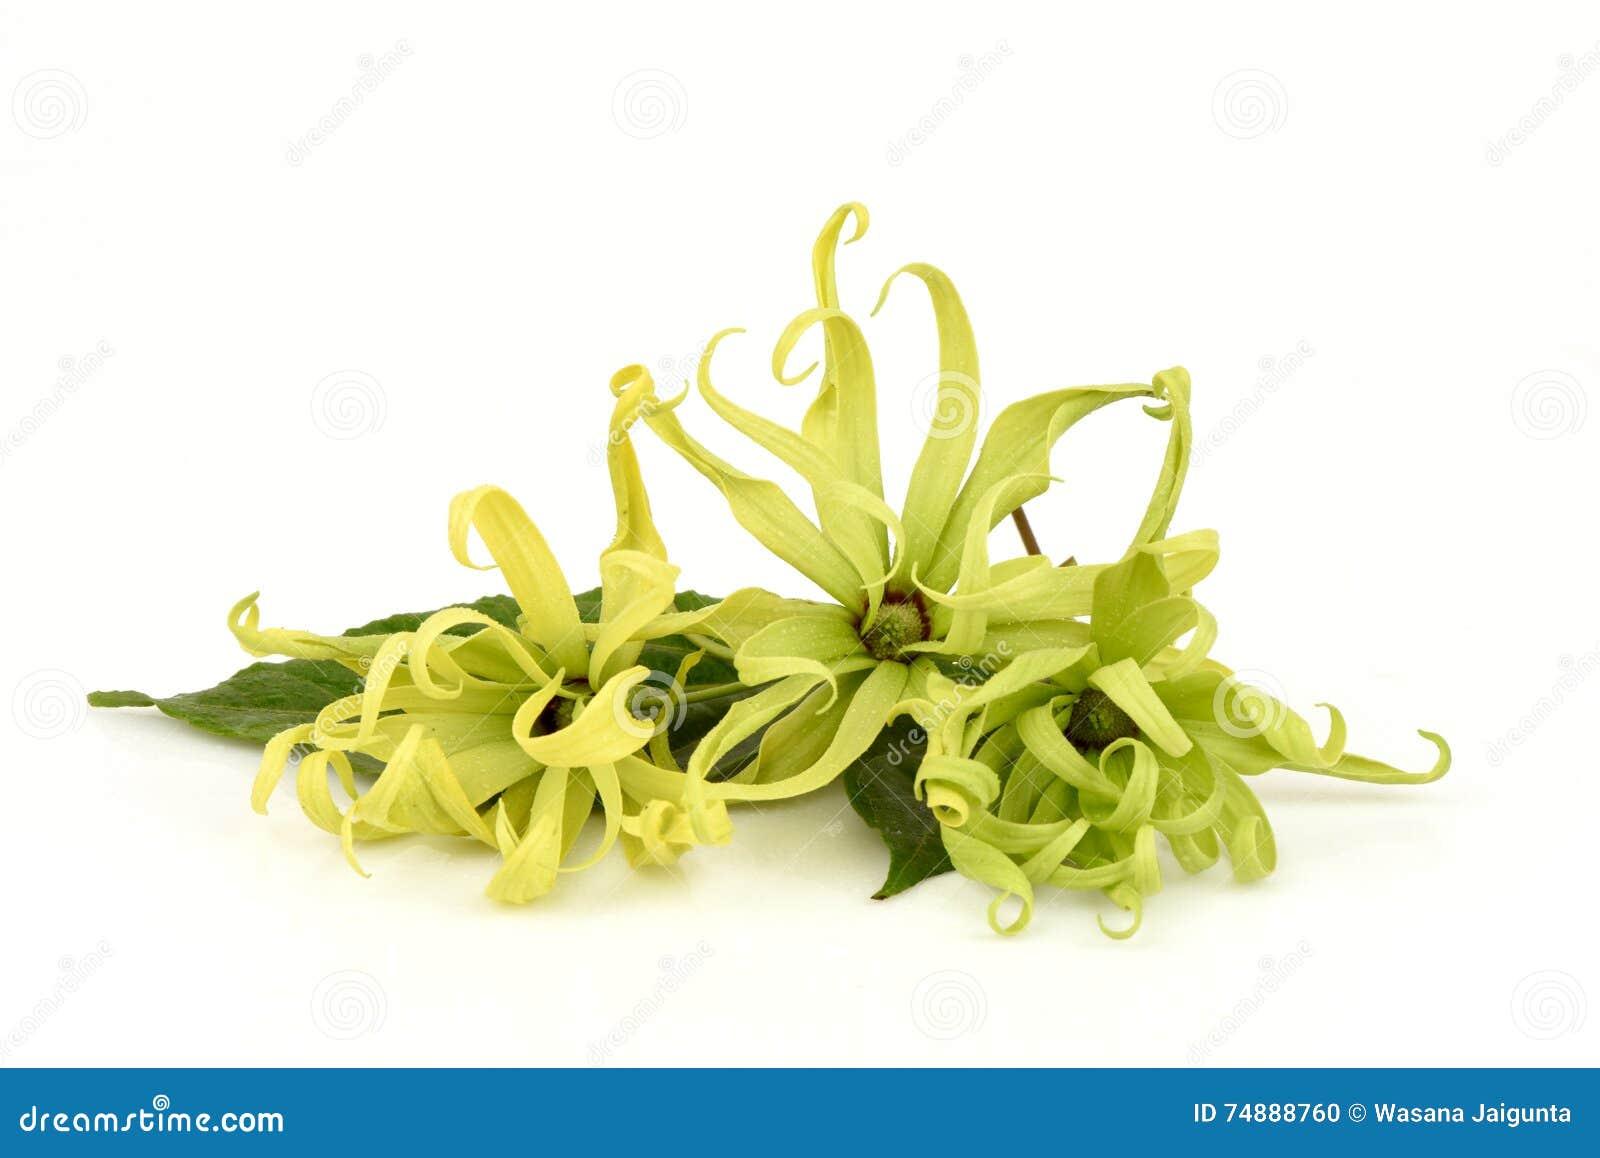 Ylang-ylang nain, Ilang - Ilang, fruticosa de Cananga